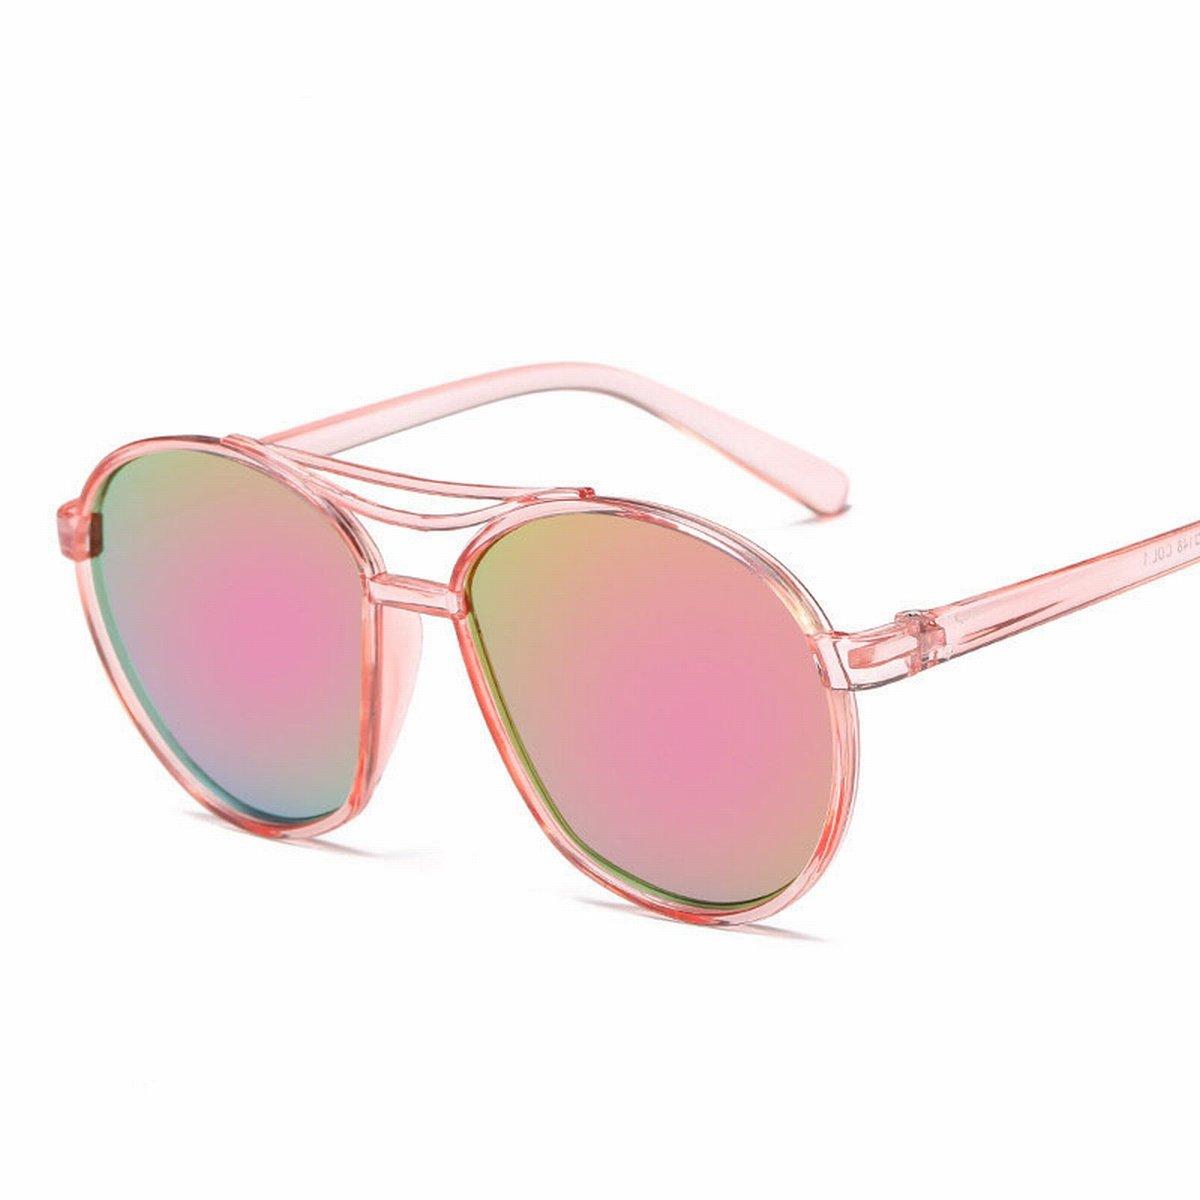 mode trimmen sonnenbrille Männer und frauen helle reflektierende Spiegel sonnenbrillen helles schwarzes rahmengold lDutAKRY